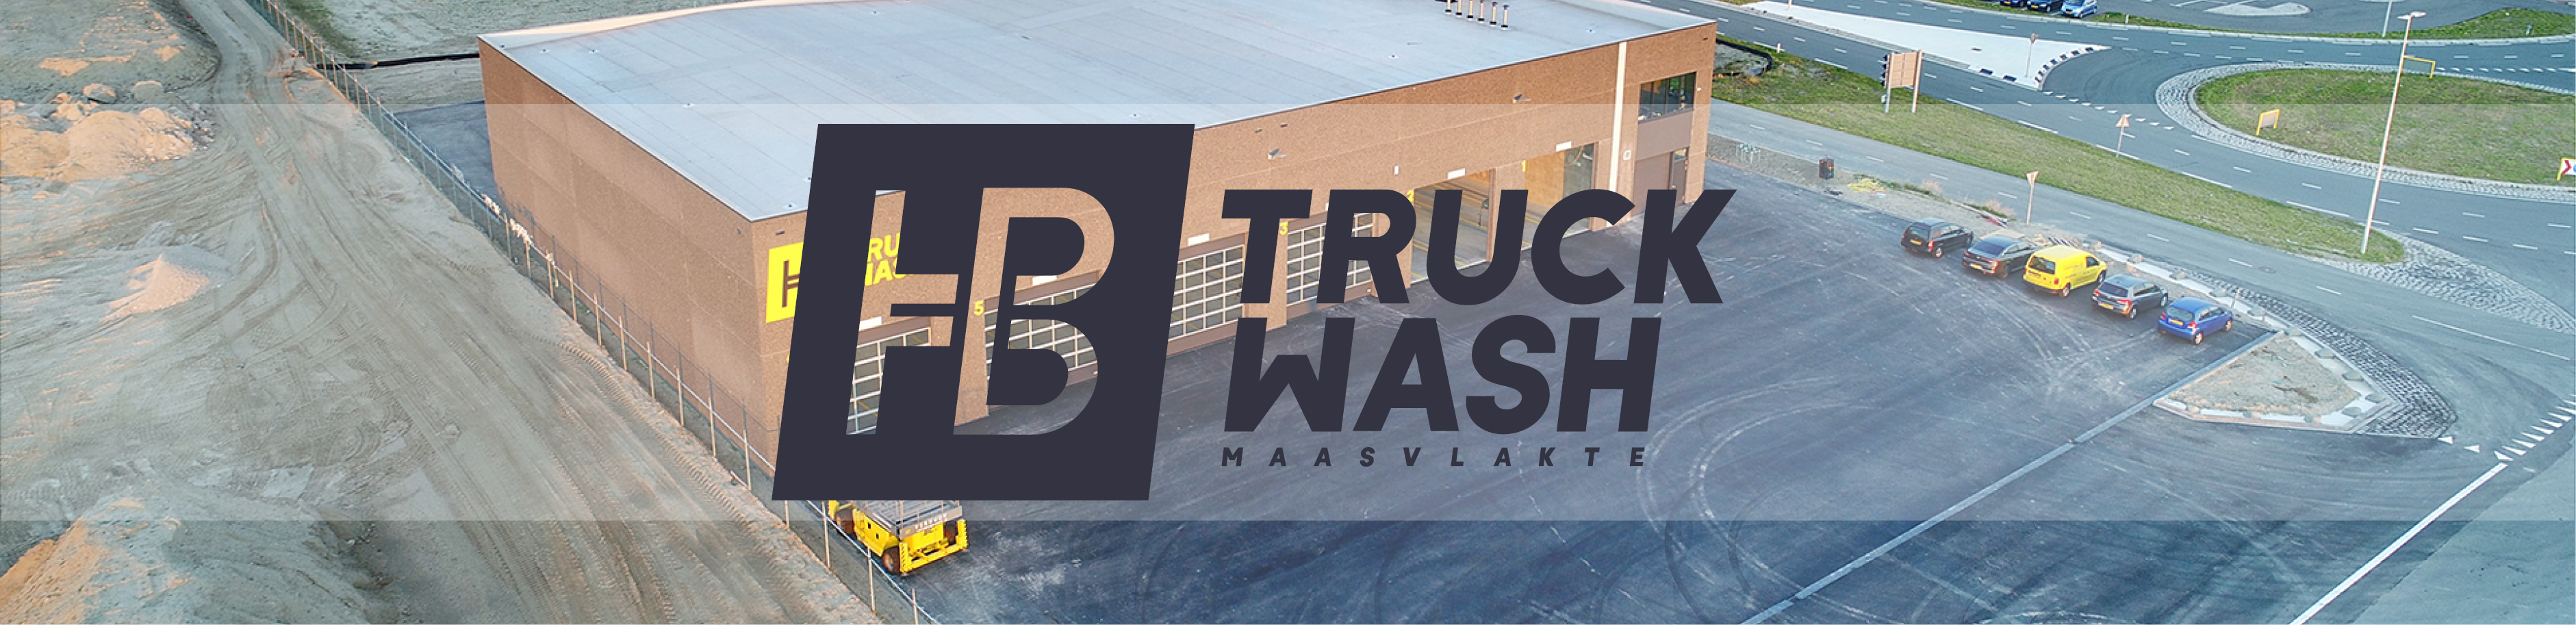 HB Truckwash